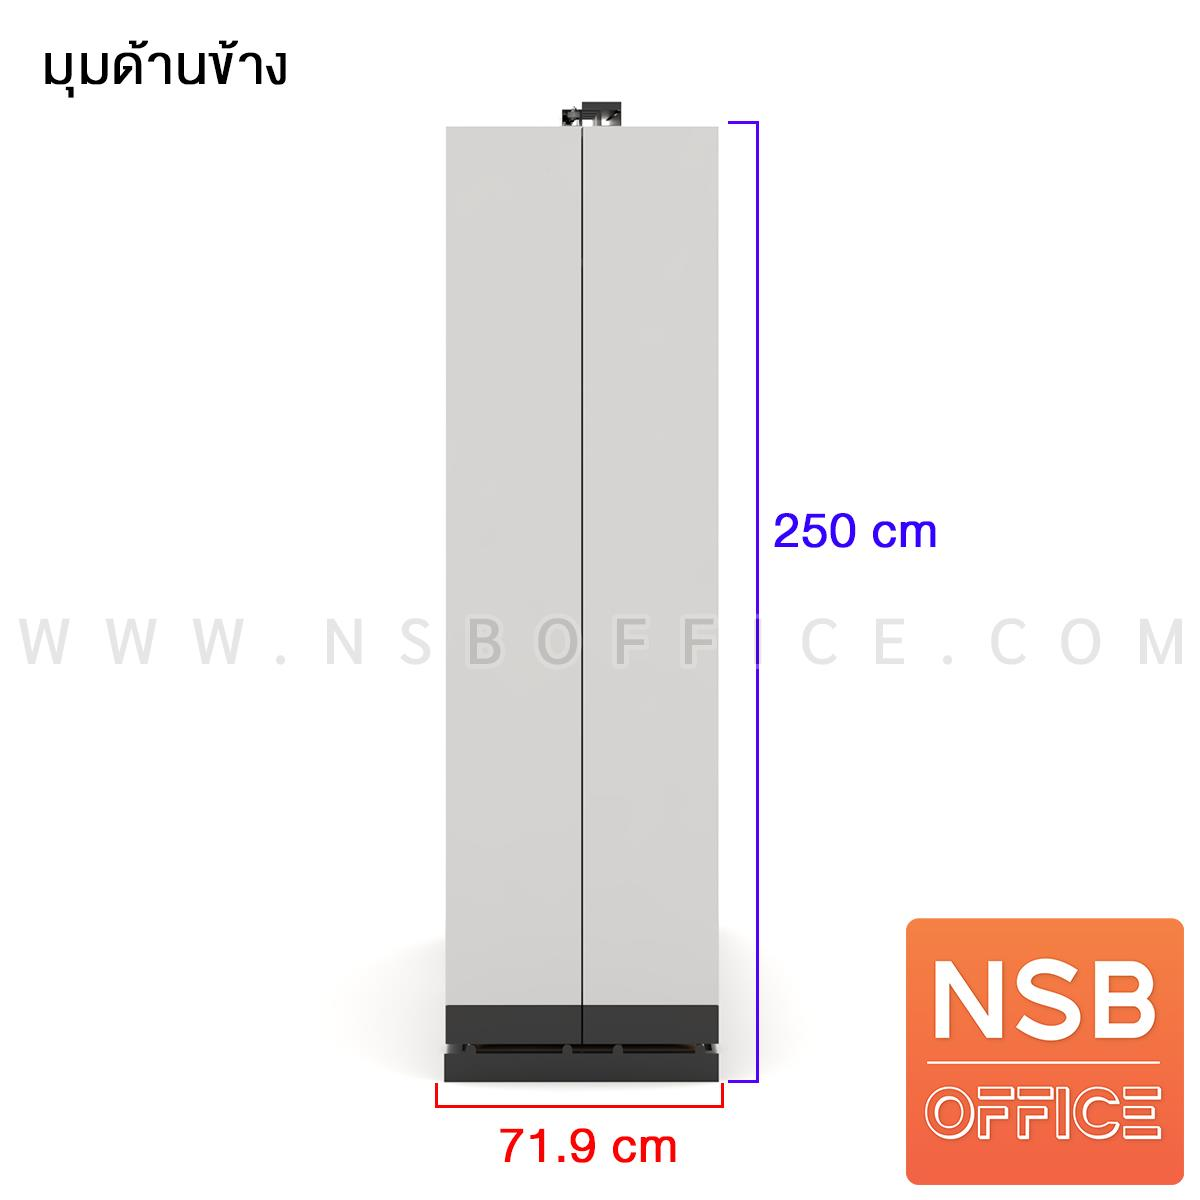 ตู้รางเลื่อนแนวขวางแบบเลื่อนข้าง  5 ,7, 9, 11 ตู้ ความกว้างของตู้เดี่ยว 91.4 ซม. สำหรับแฟ้ม A4